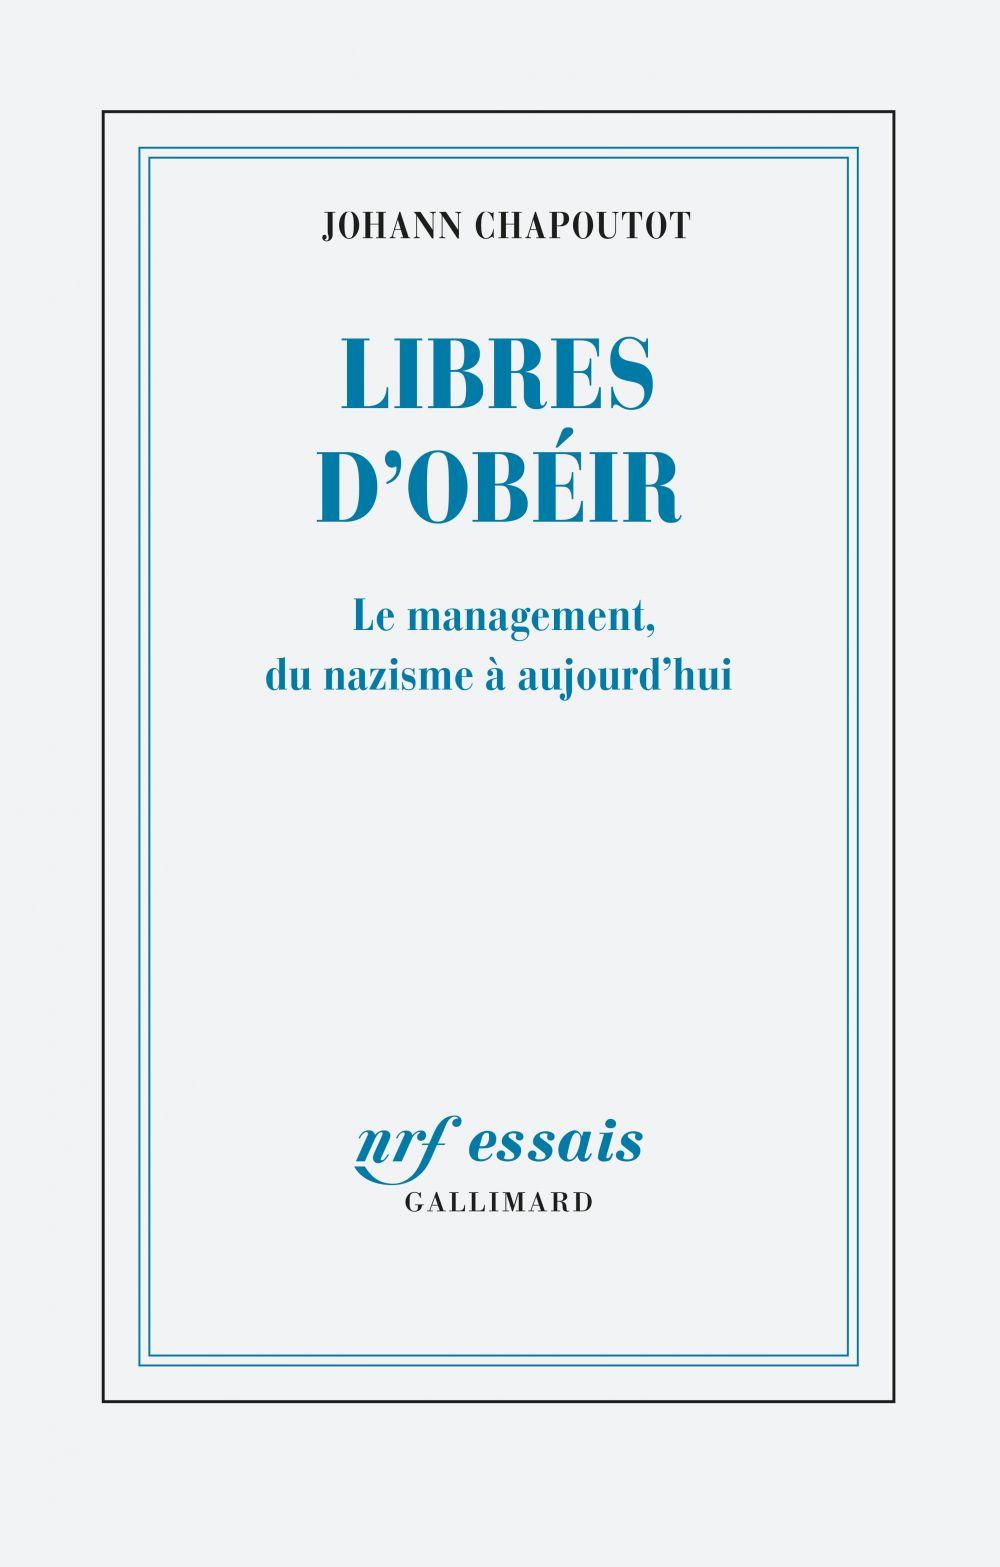 Libres d'obéir. Le management, du nazisme à aujourd'hui | Chapoutot, Johann (1978-....). Auteur